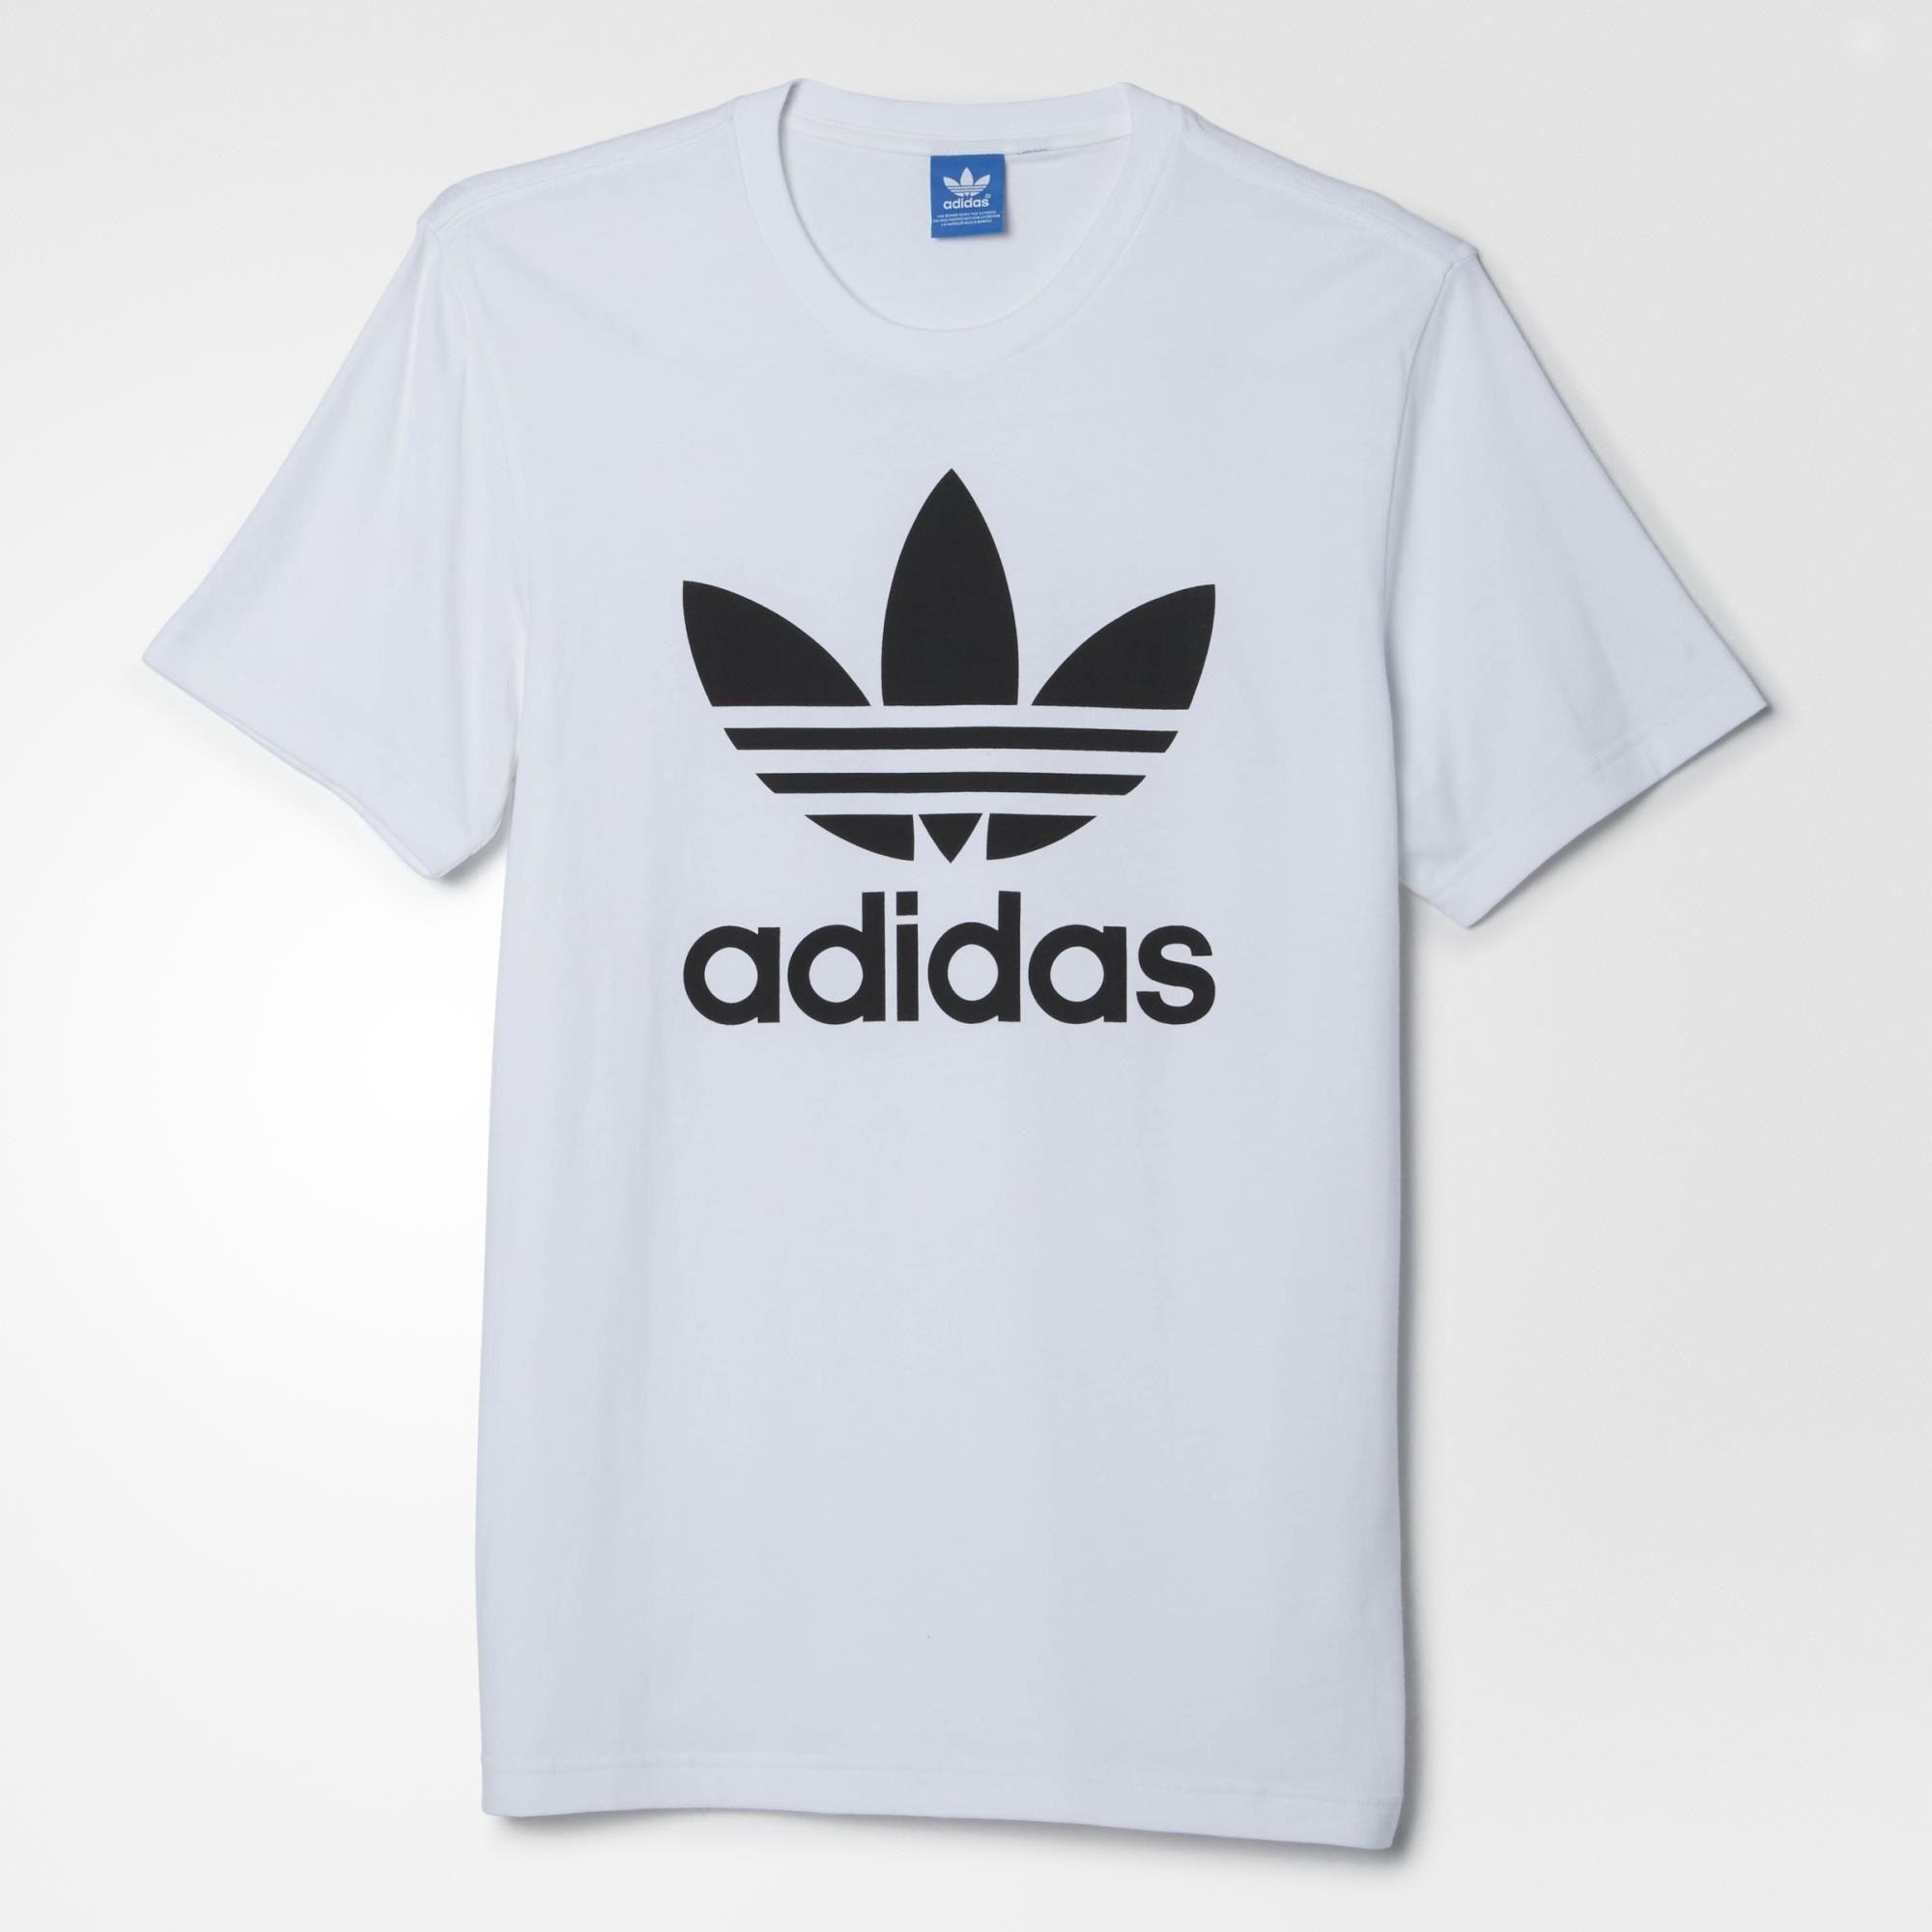 T mi Excluir  Adidas Originals | Ropa de adidas, Ropa deportiva adidas, Ropa adidas